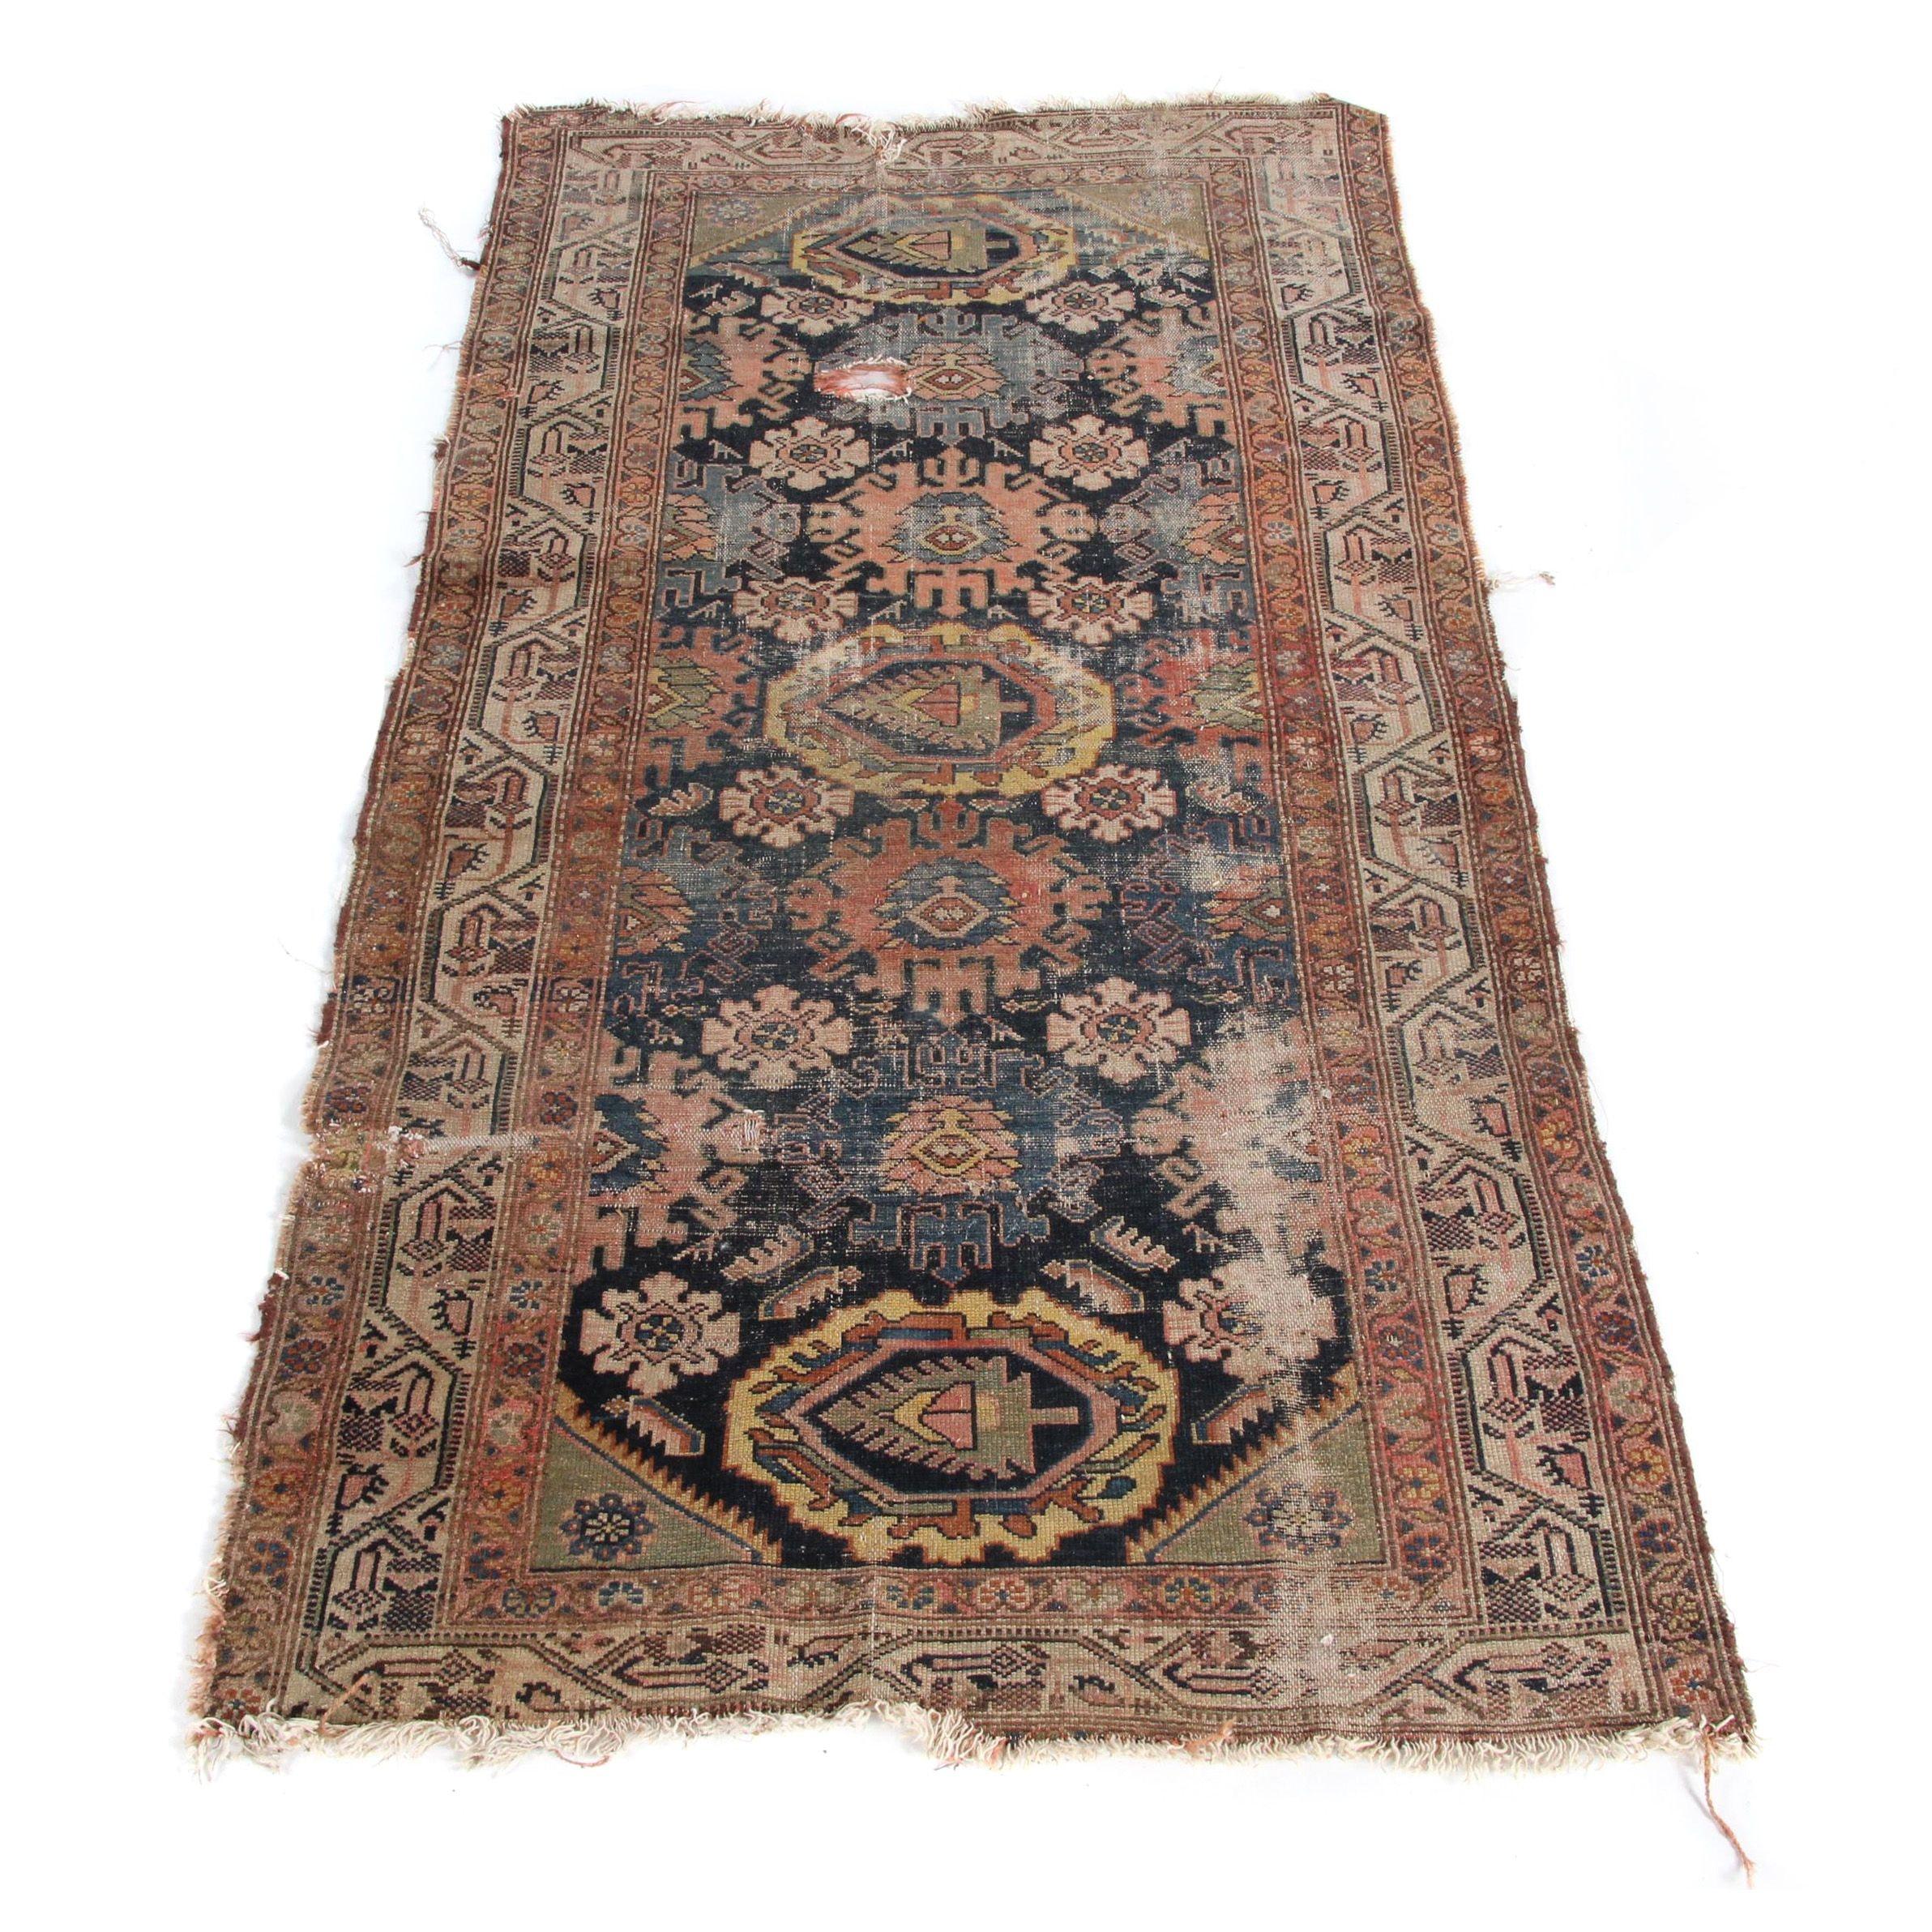 Semi-Antique Handwoven Caucasian Wool Area Rug